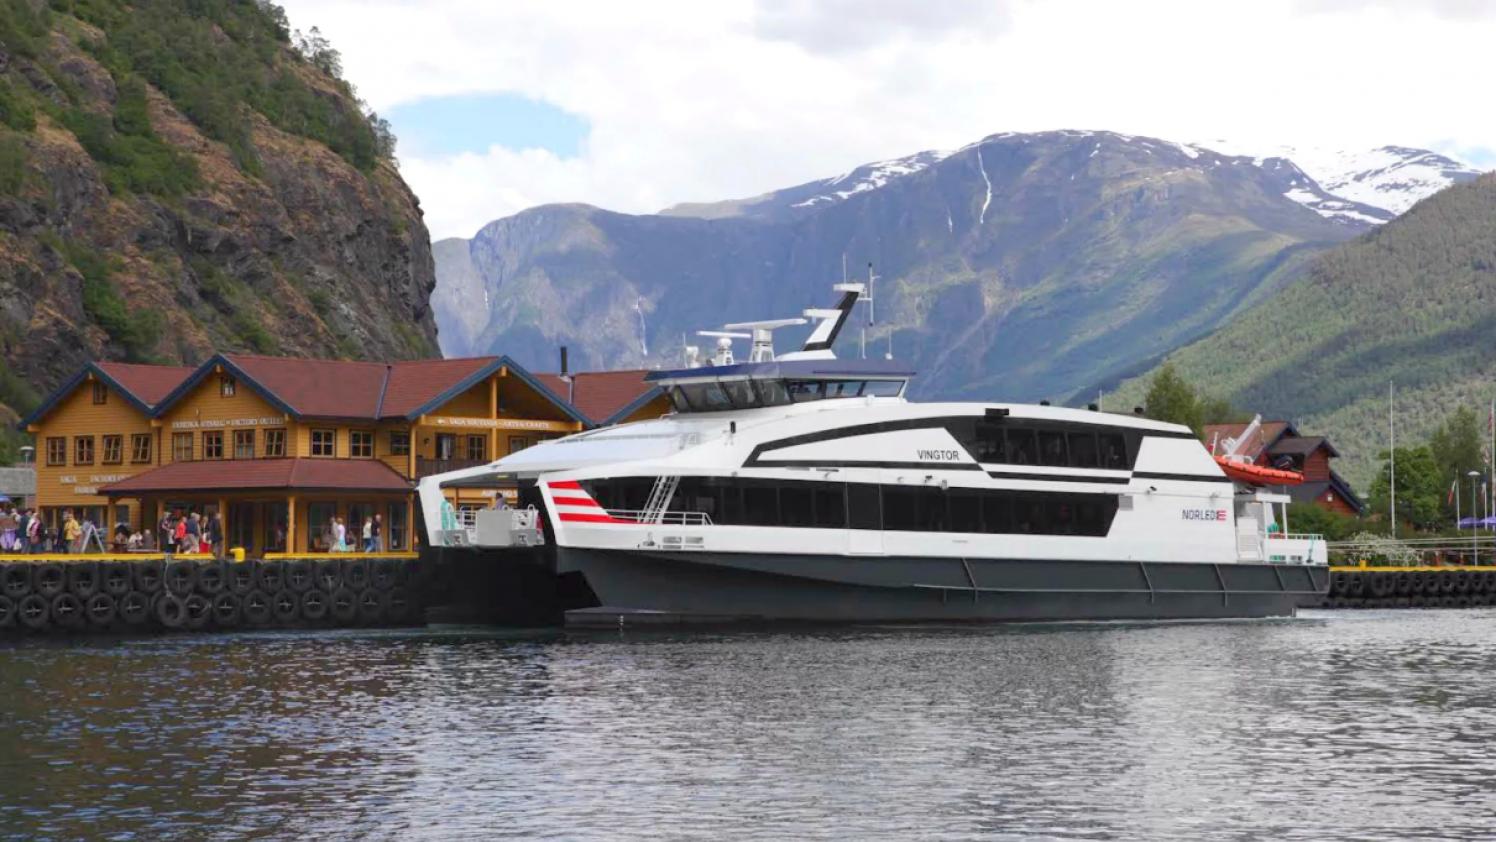 Flam - Bergen Nordled boat